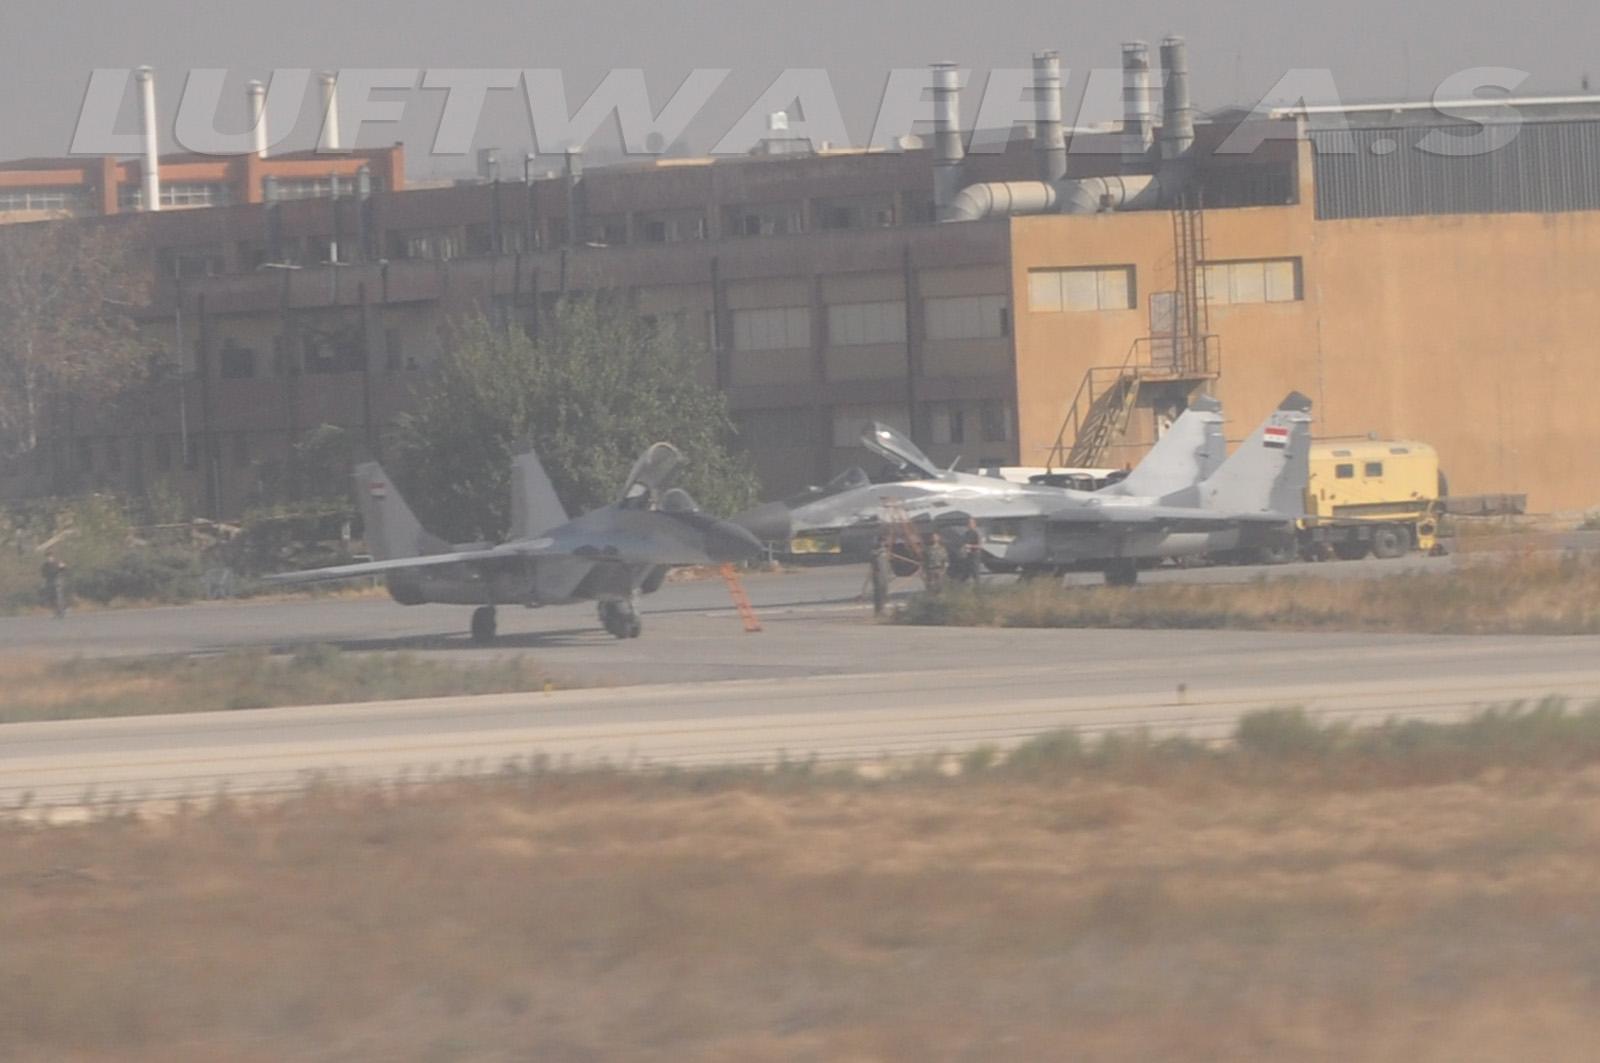 Syrian Arab Air Force LW%20AS%20%2828%29